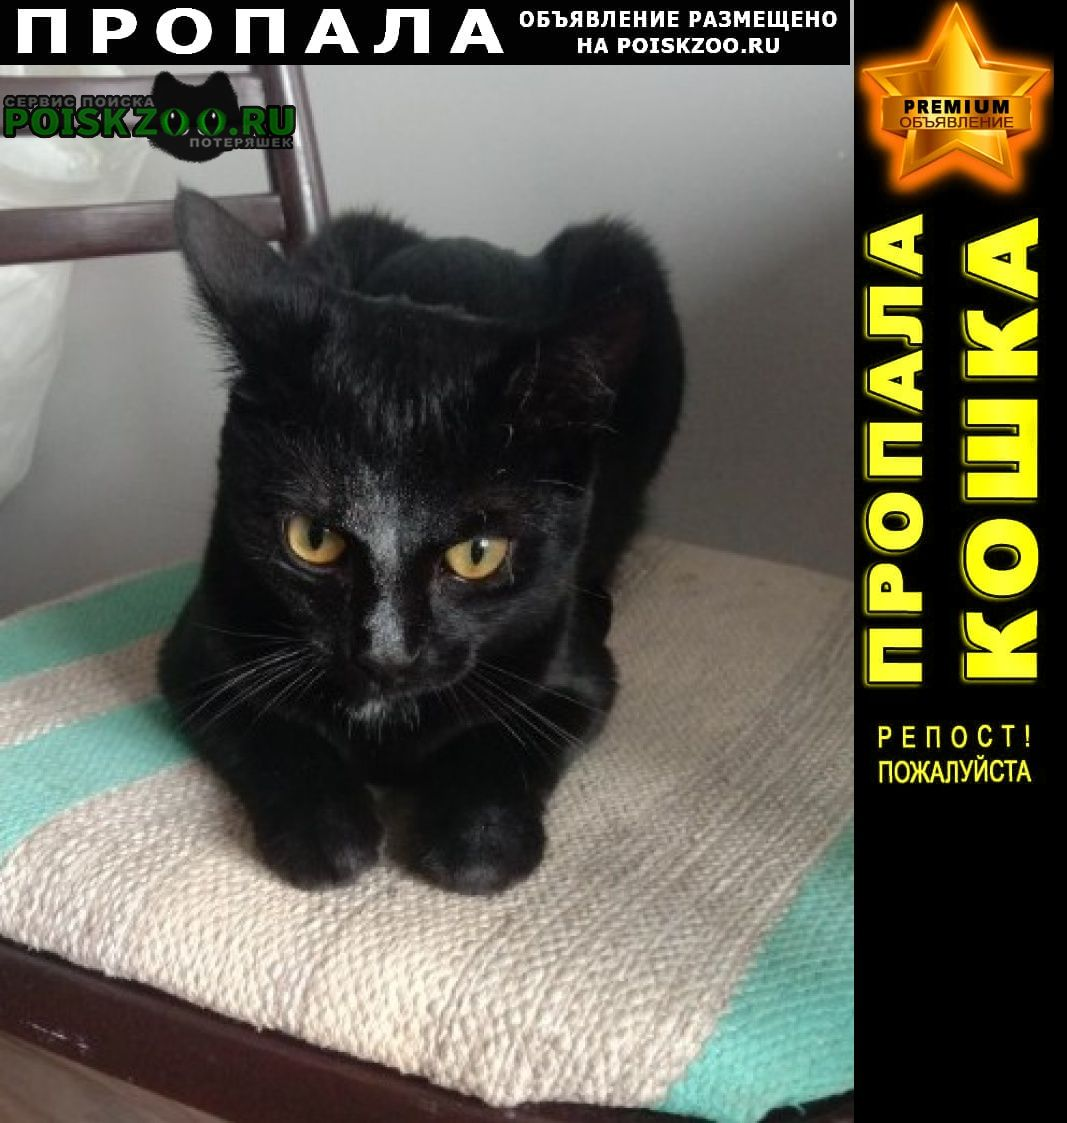 Пропал кот черный -марик Подольск